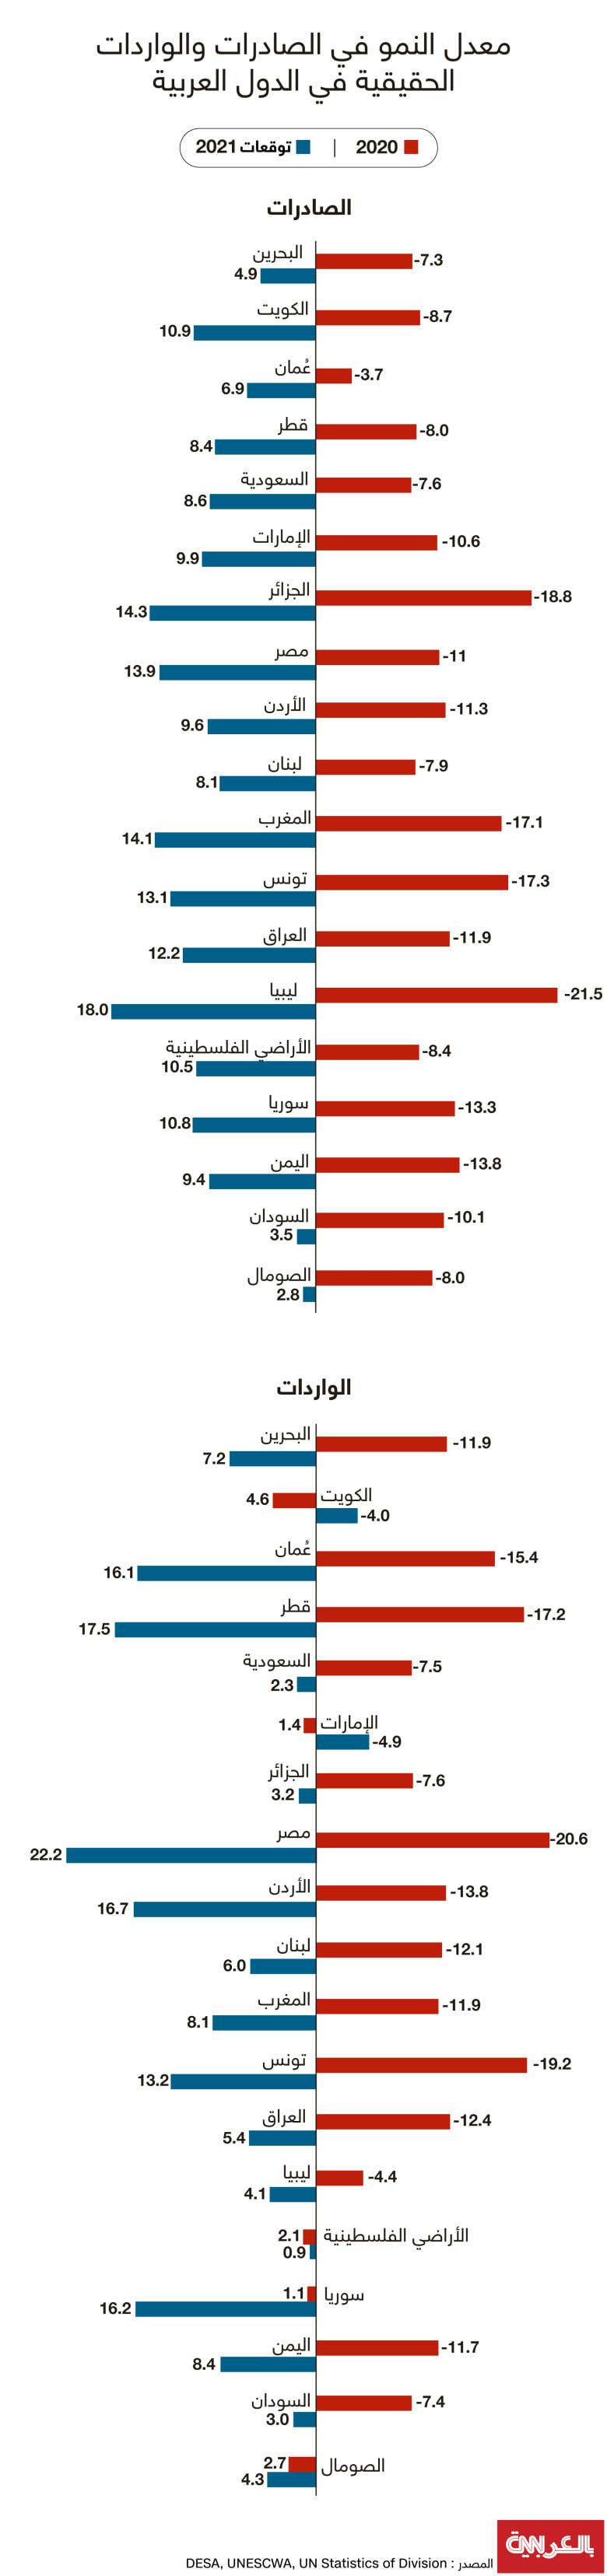 import-export-arab-states-2021